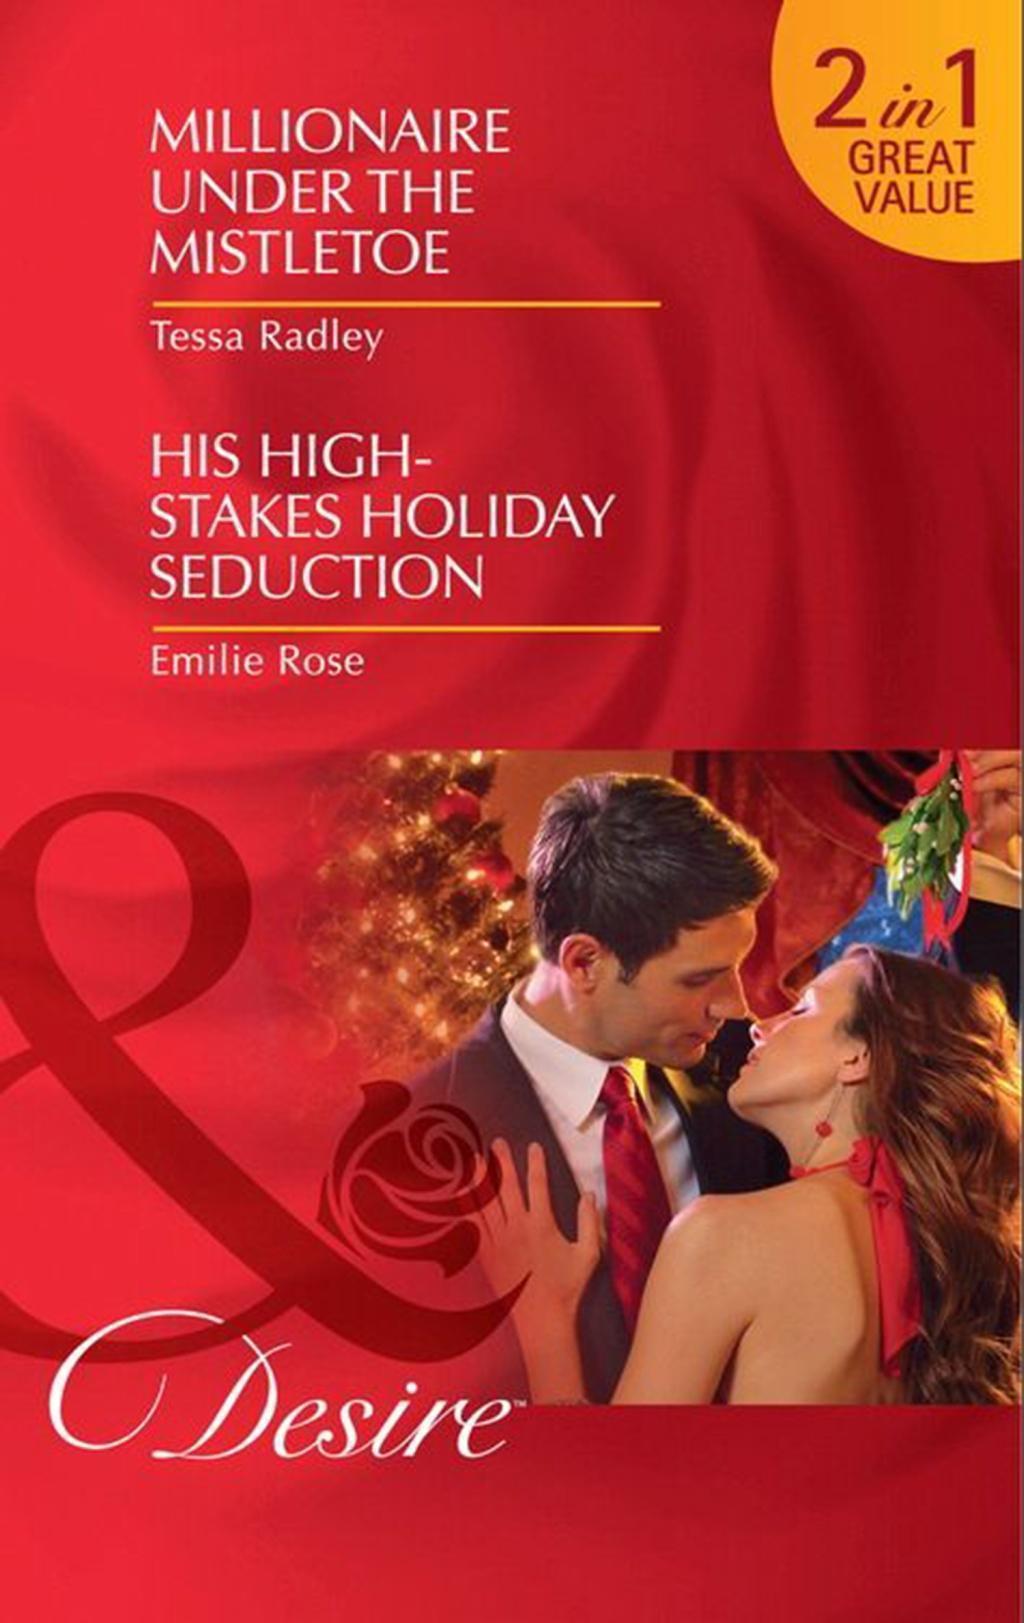 Millionaire Under the Mistletoe / His High-Stakes Holiday Seduction: Millionaire Under the Mistletoe / His High-Stakes Holiday Seduction (Mills & Boon Desire)